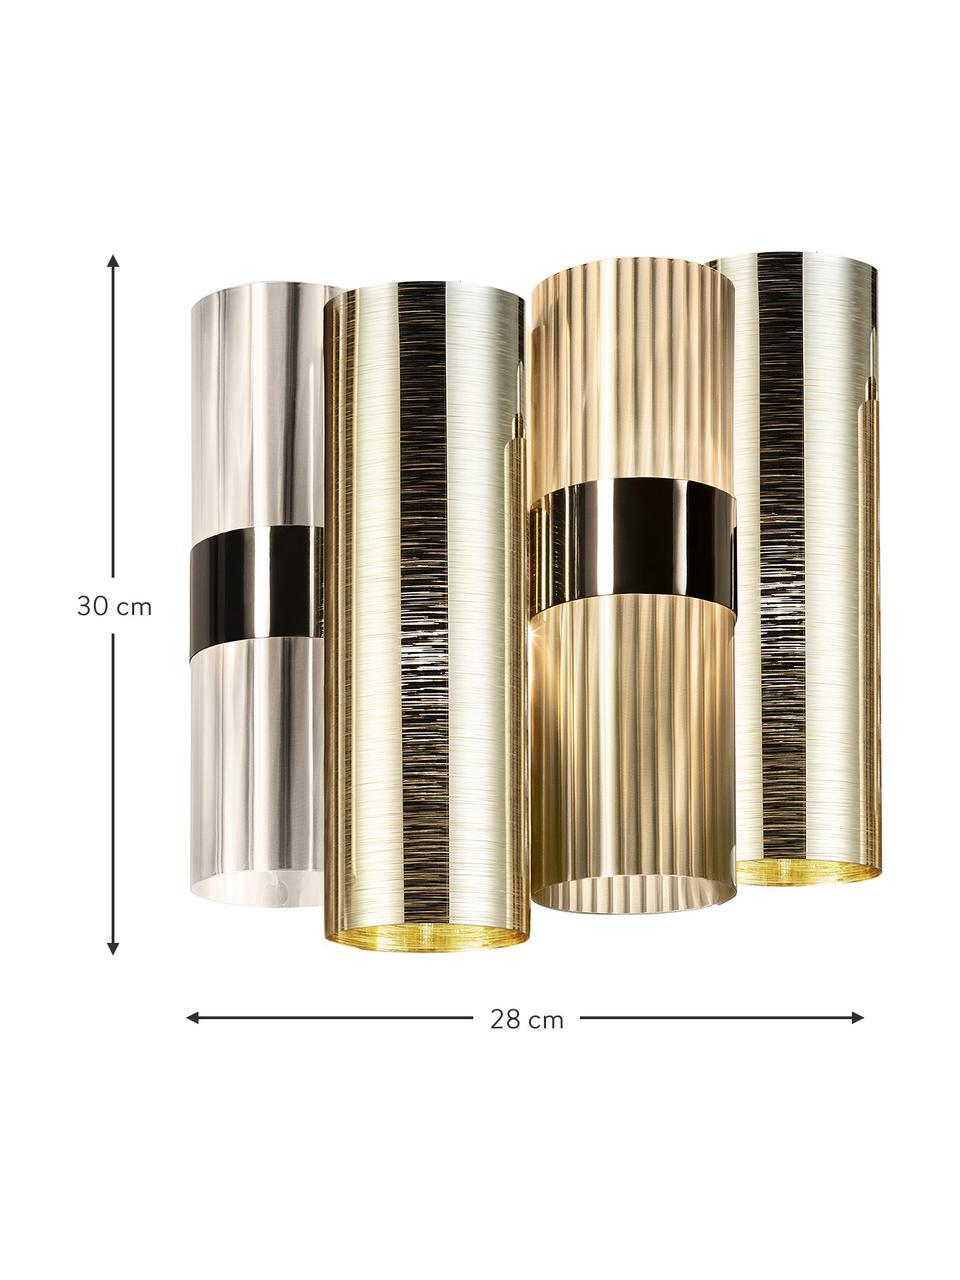 Wandlamp La Lollo van kunststof, Lampenkap: Lentiflex - Goldflex, Goudkleurig, 28 x 30 cm